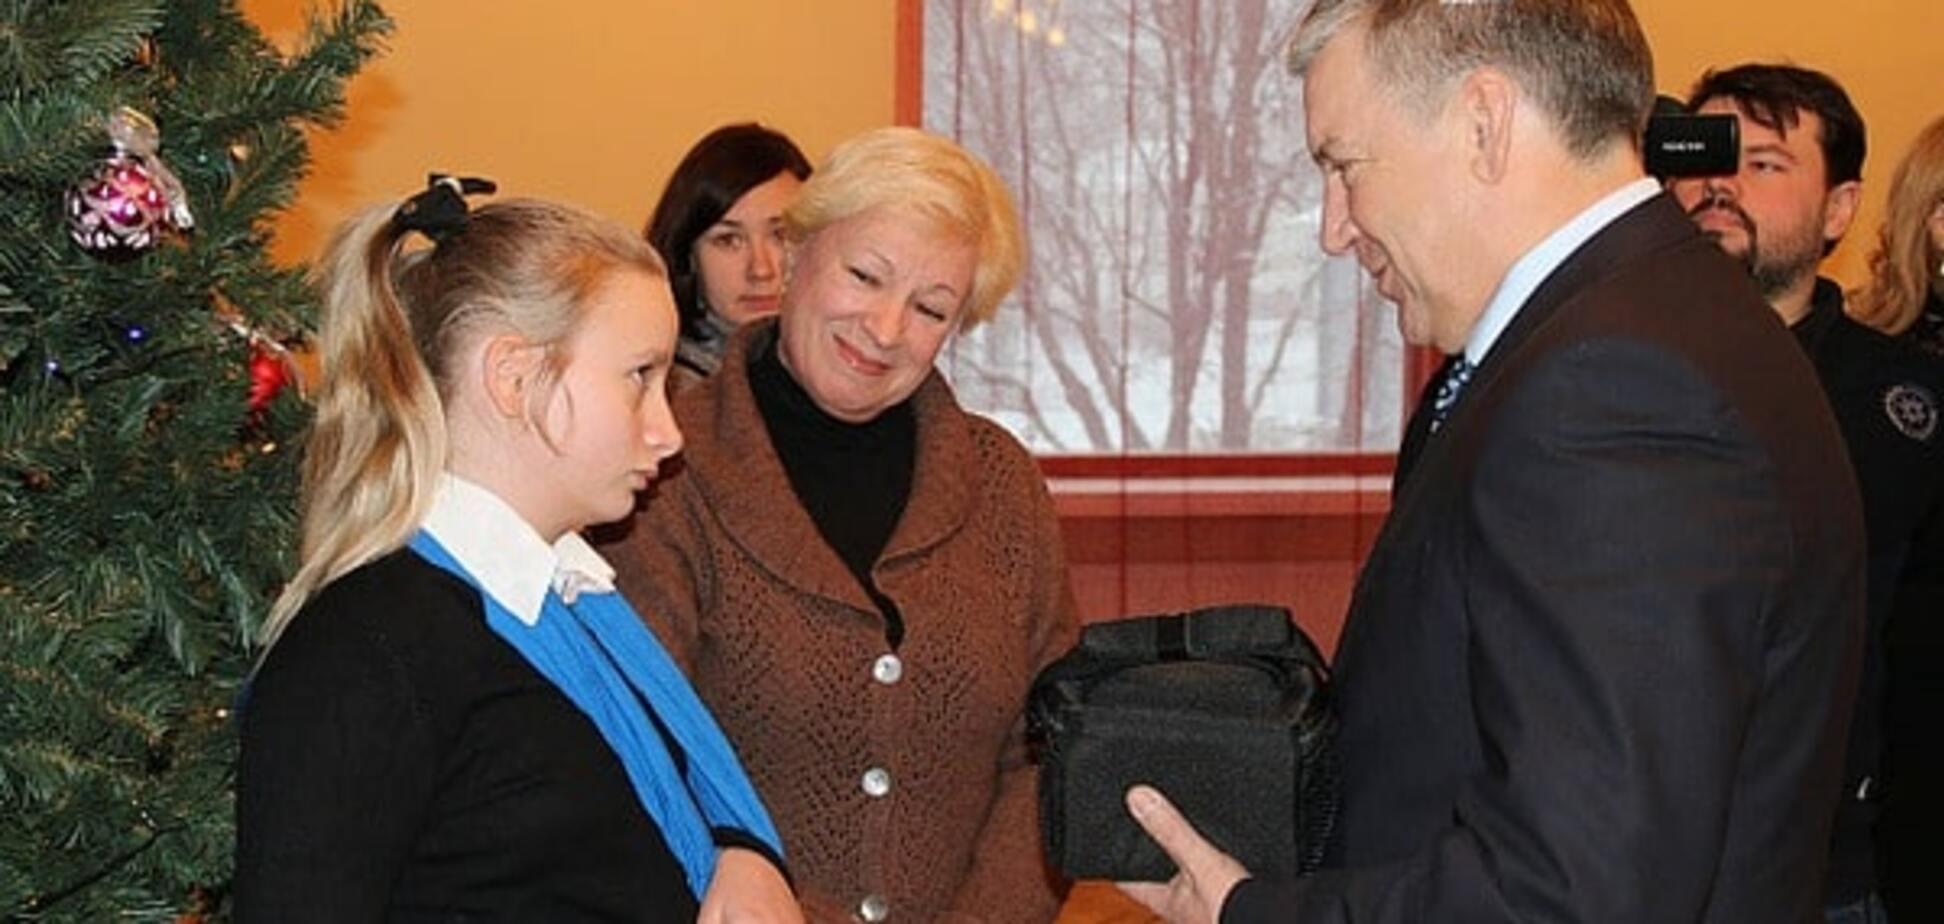 У Росії знайшли 'таємну дочка' Путіна: опубліковані фото